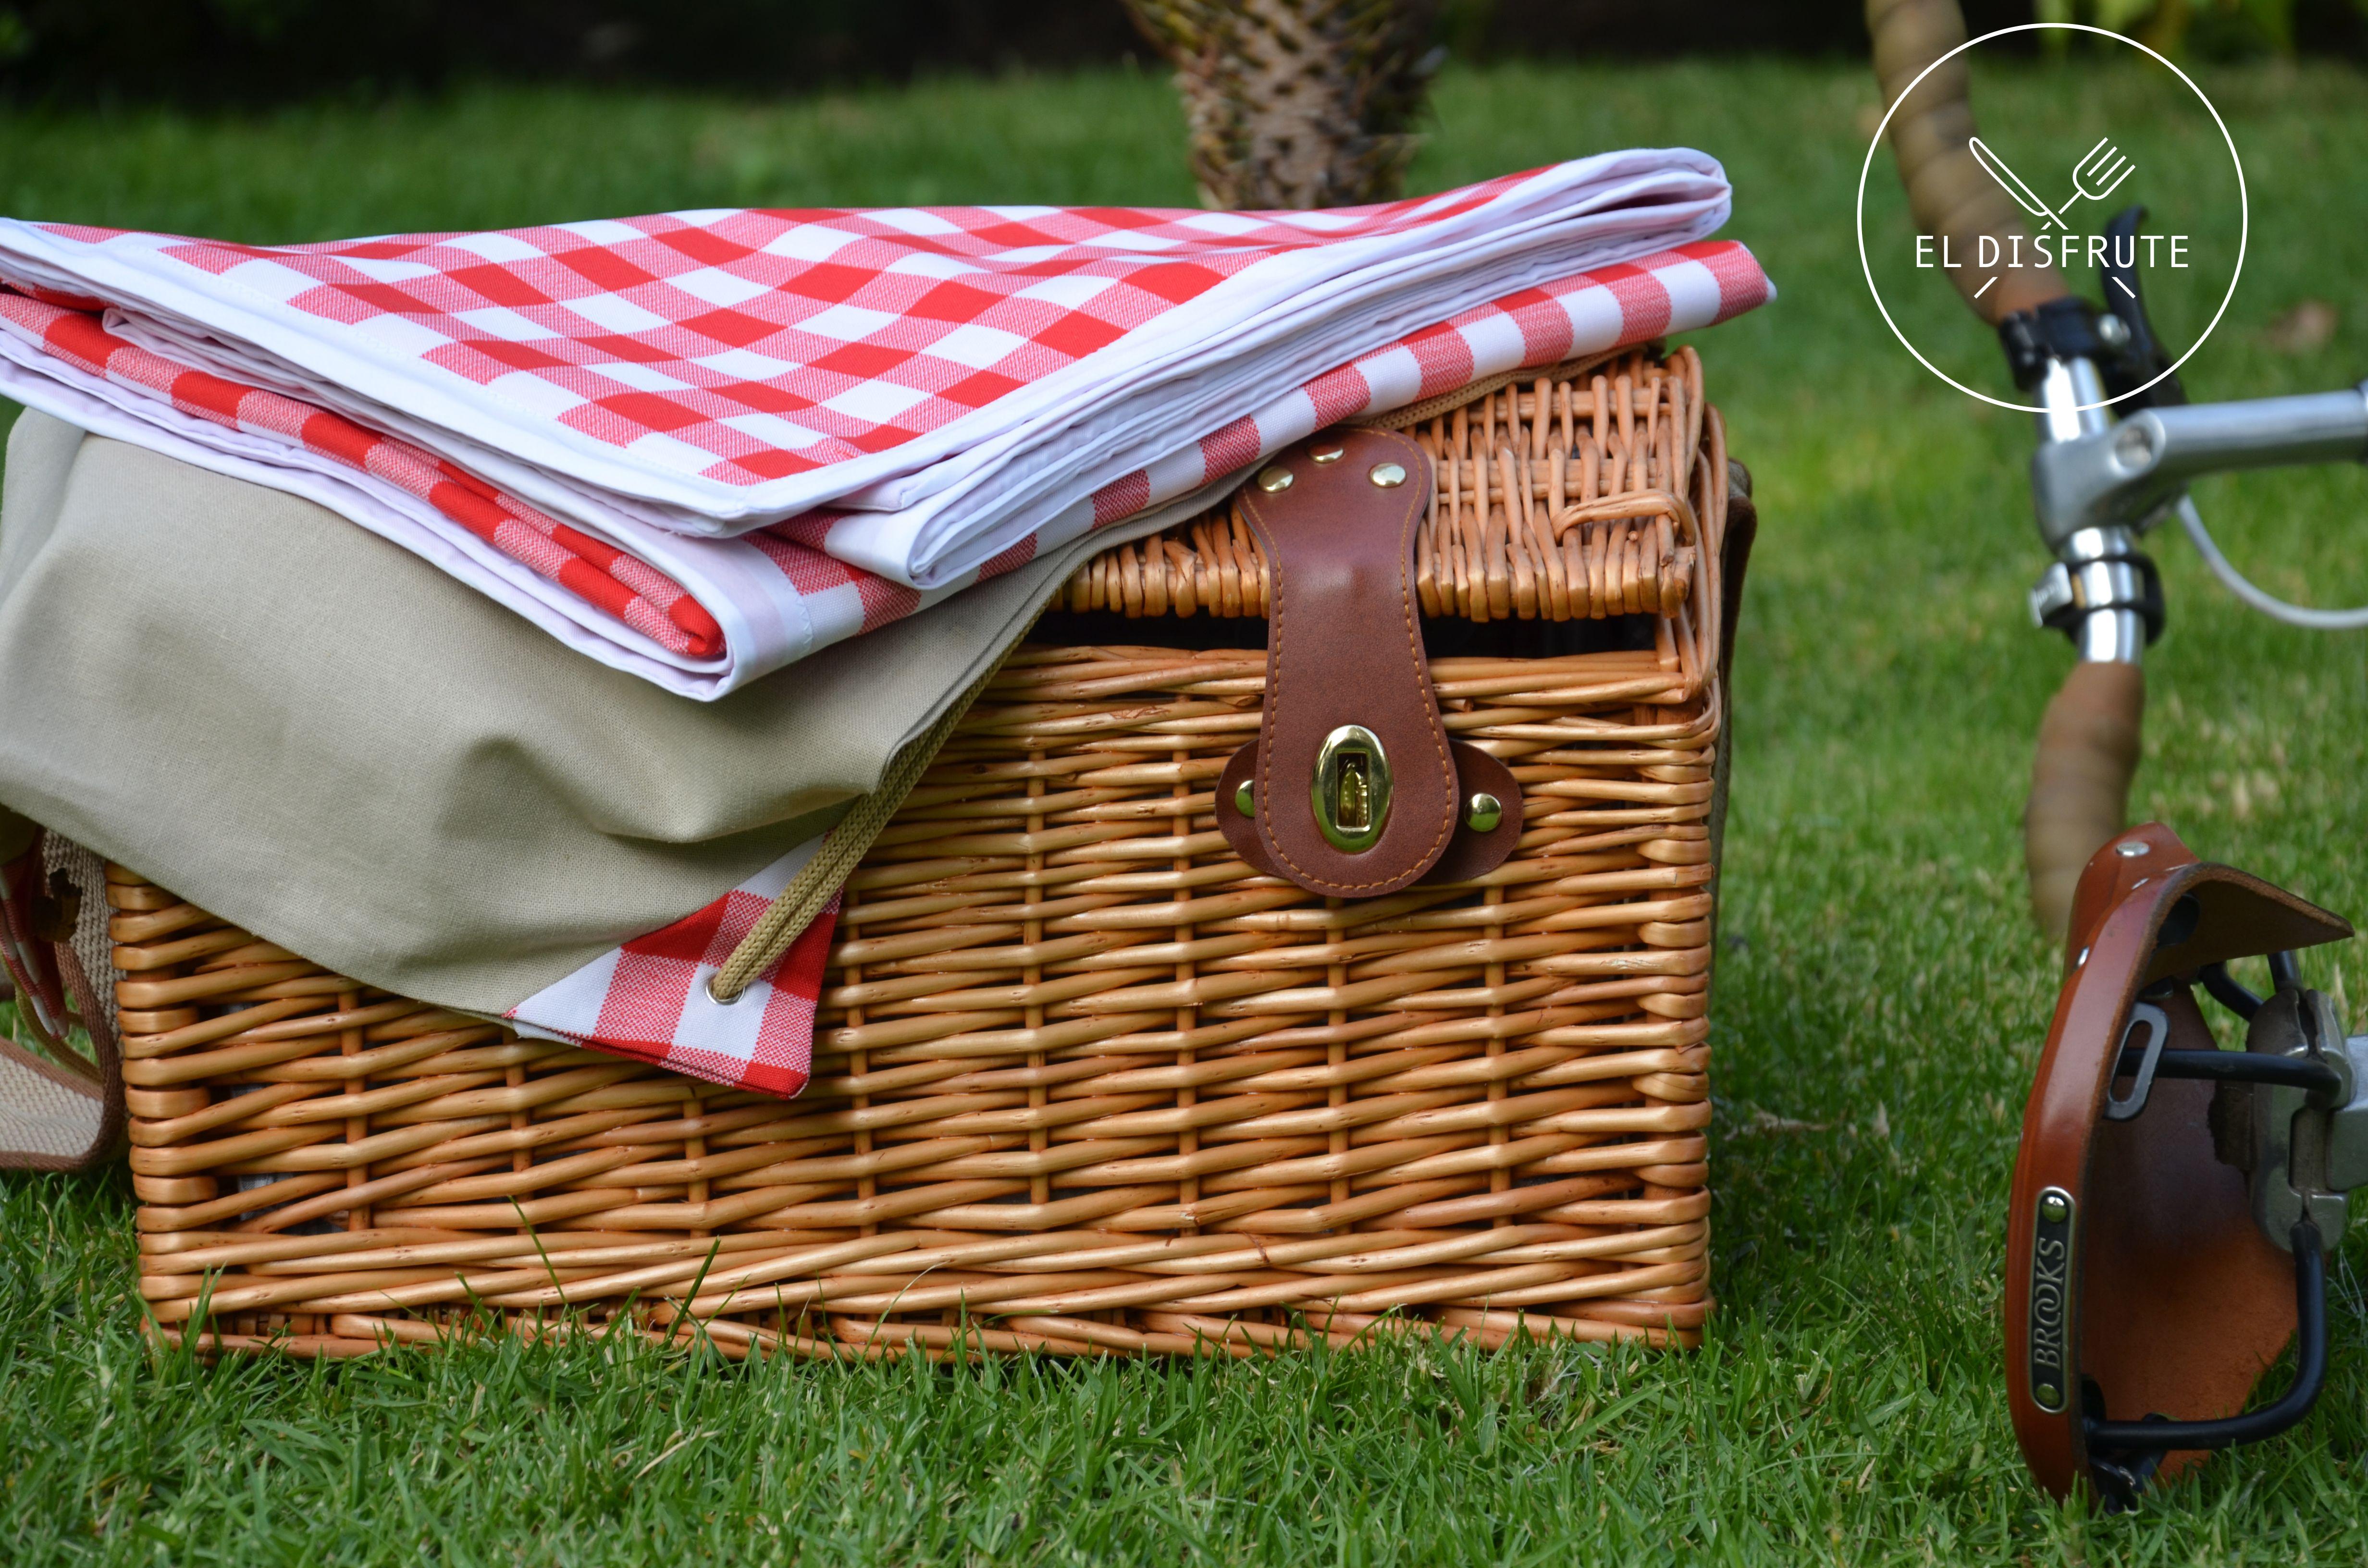 Manta de picnic cl sica medidas 1 8 x 1 5 metros viene con bolsa para transportar y forro - Manta de picnic ...